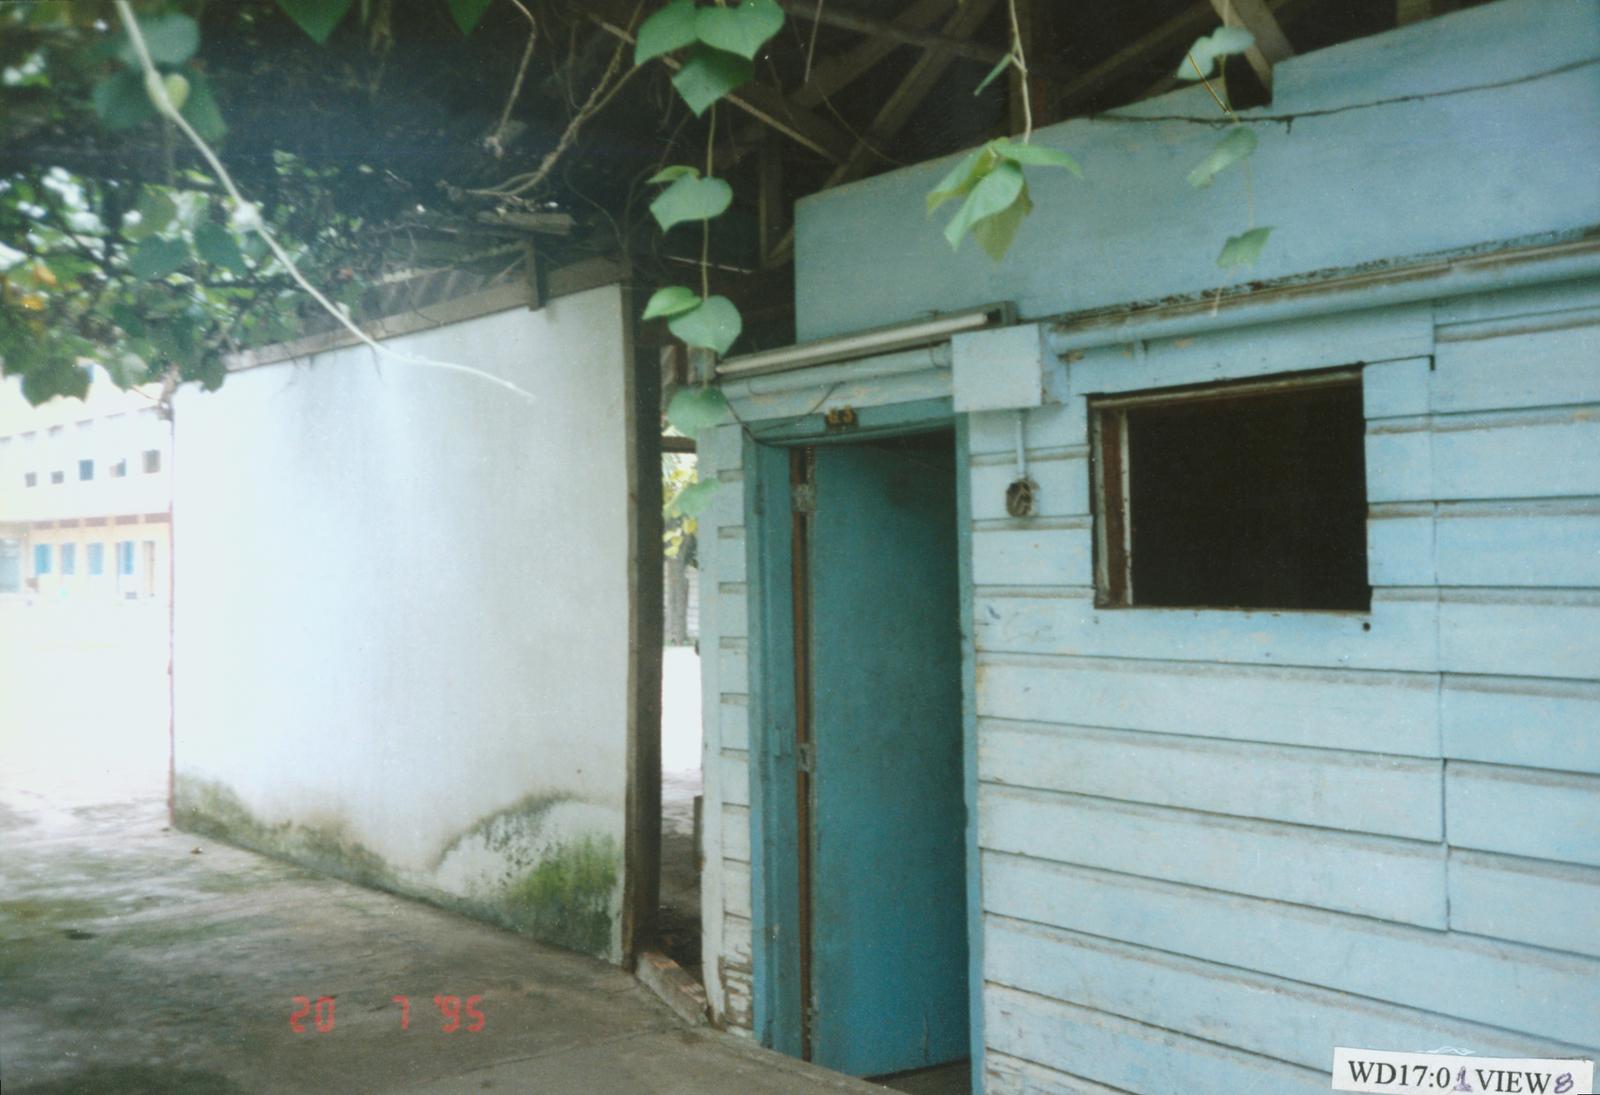 Ho Chi Minh City - Warehouse - 1995